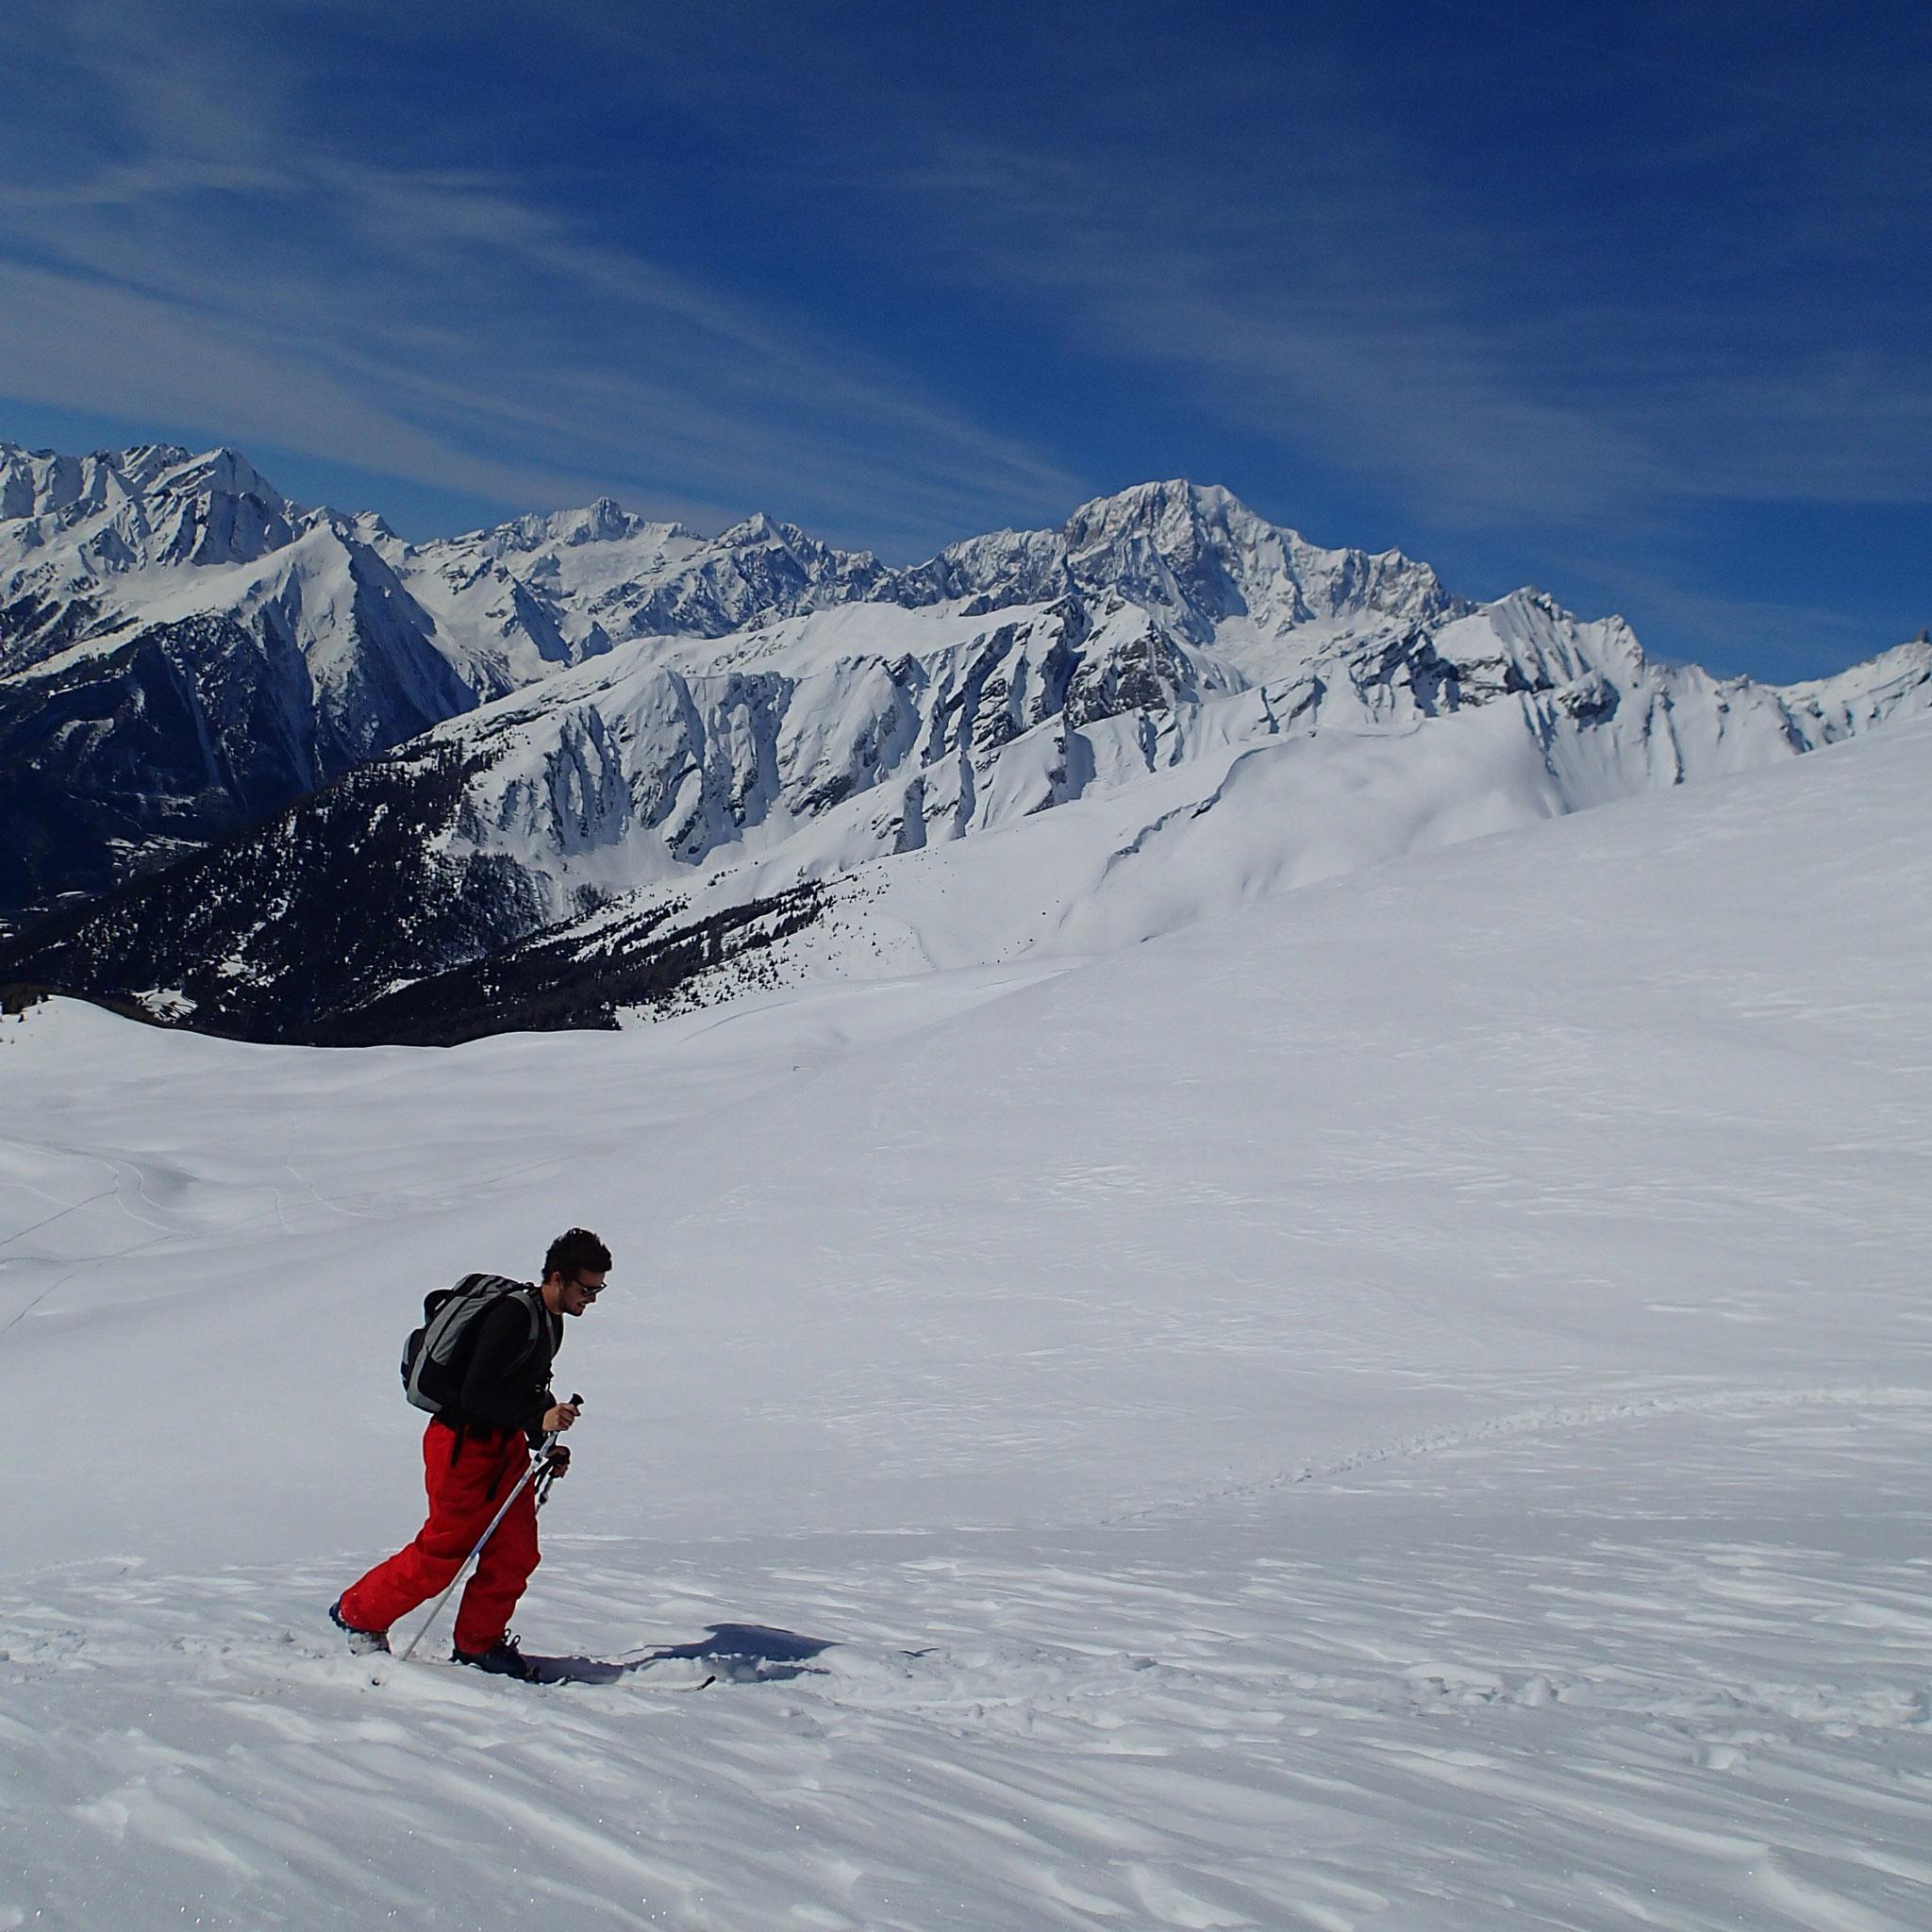 Milan le rejoint aussi, sous le regard du Mt-Blanc